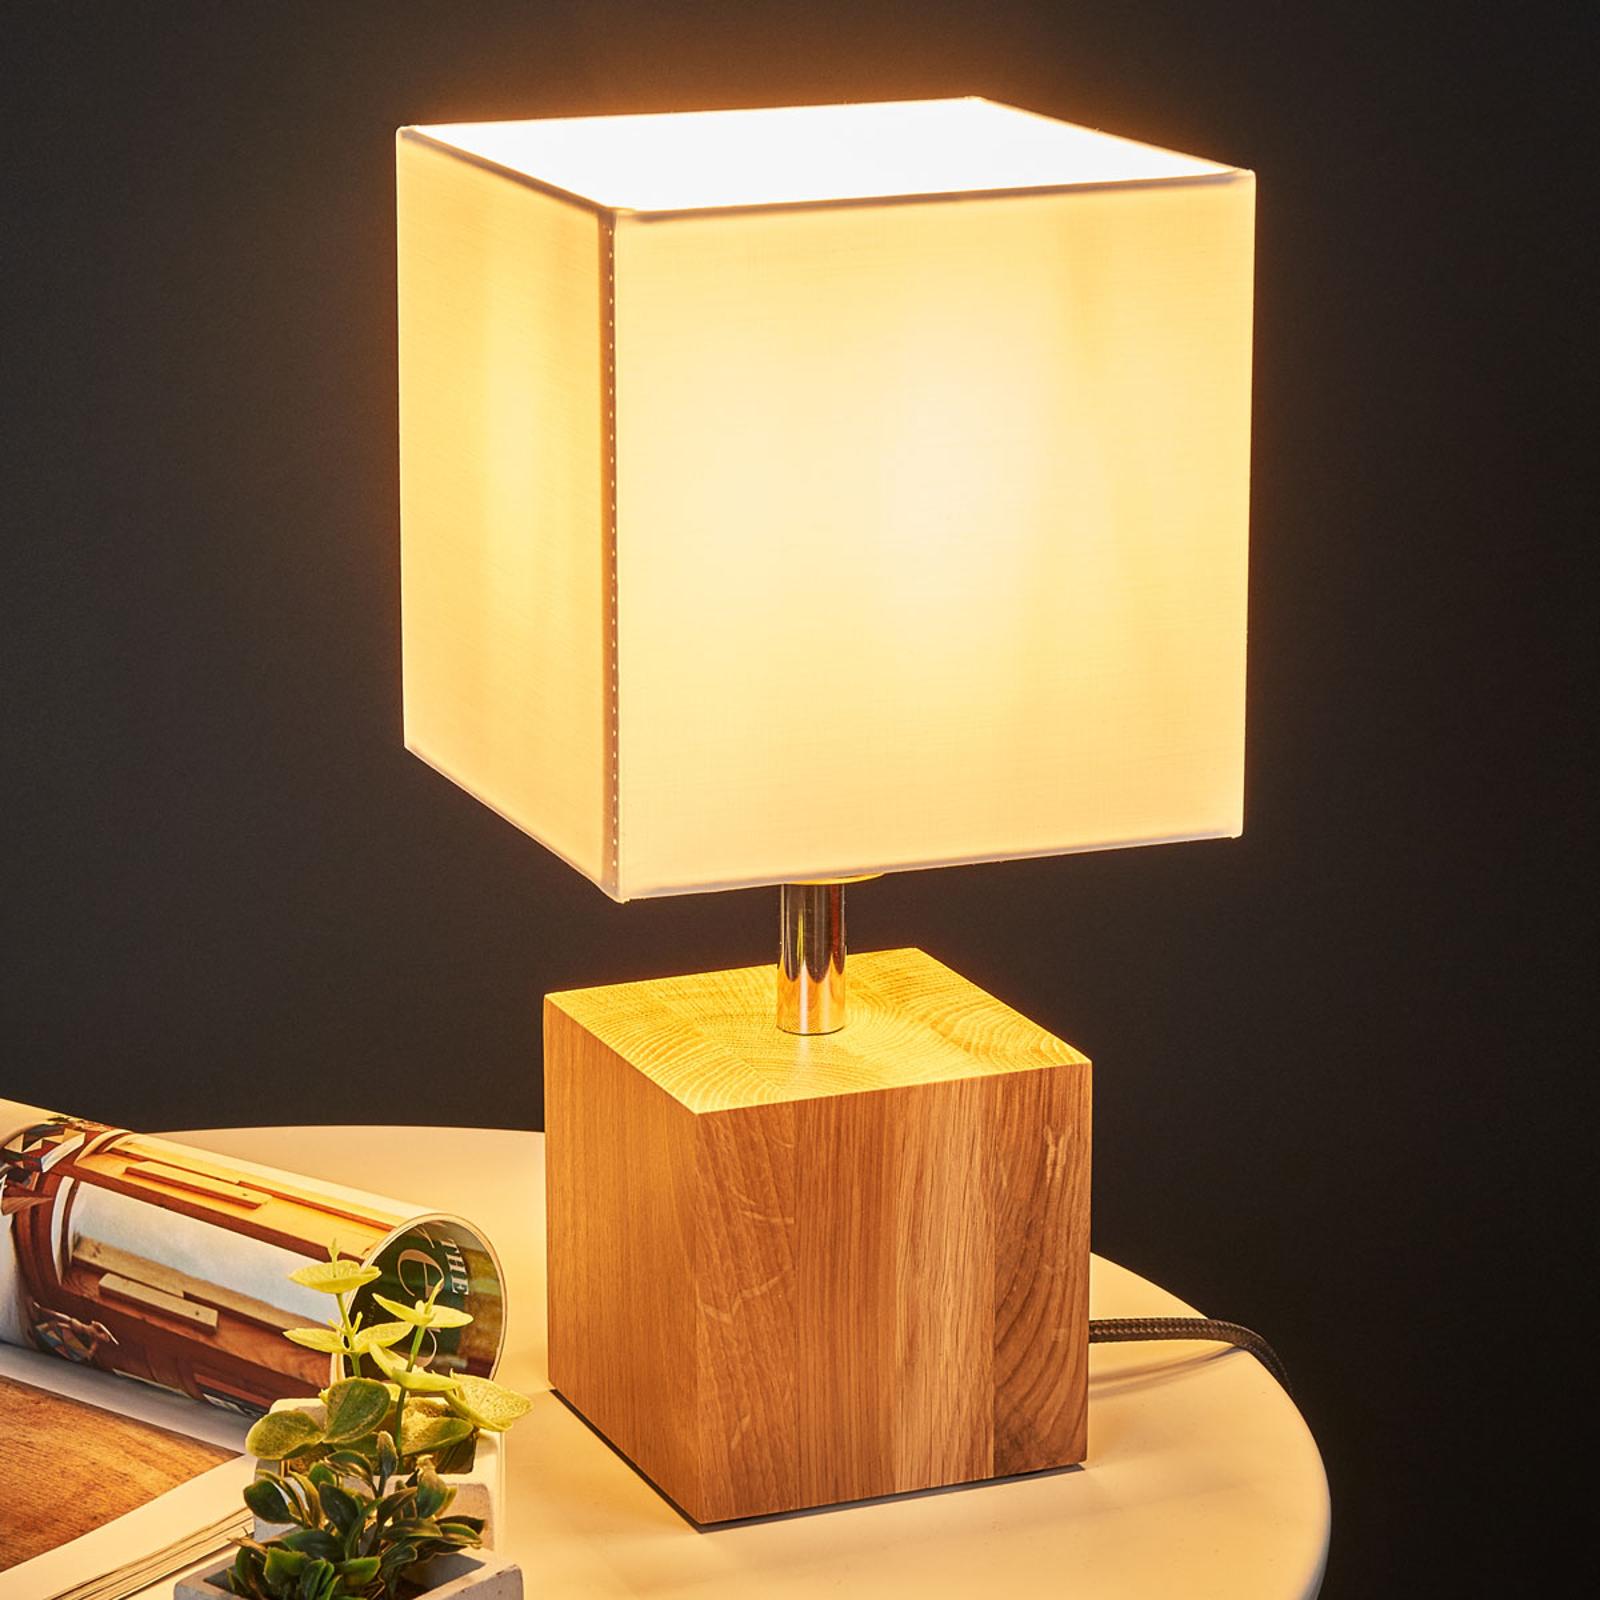 Drewniana lampa stołowa Trongo, antracytowy kabel